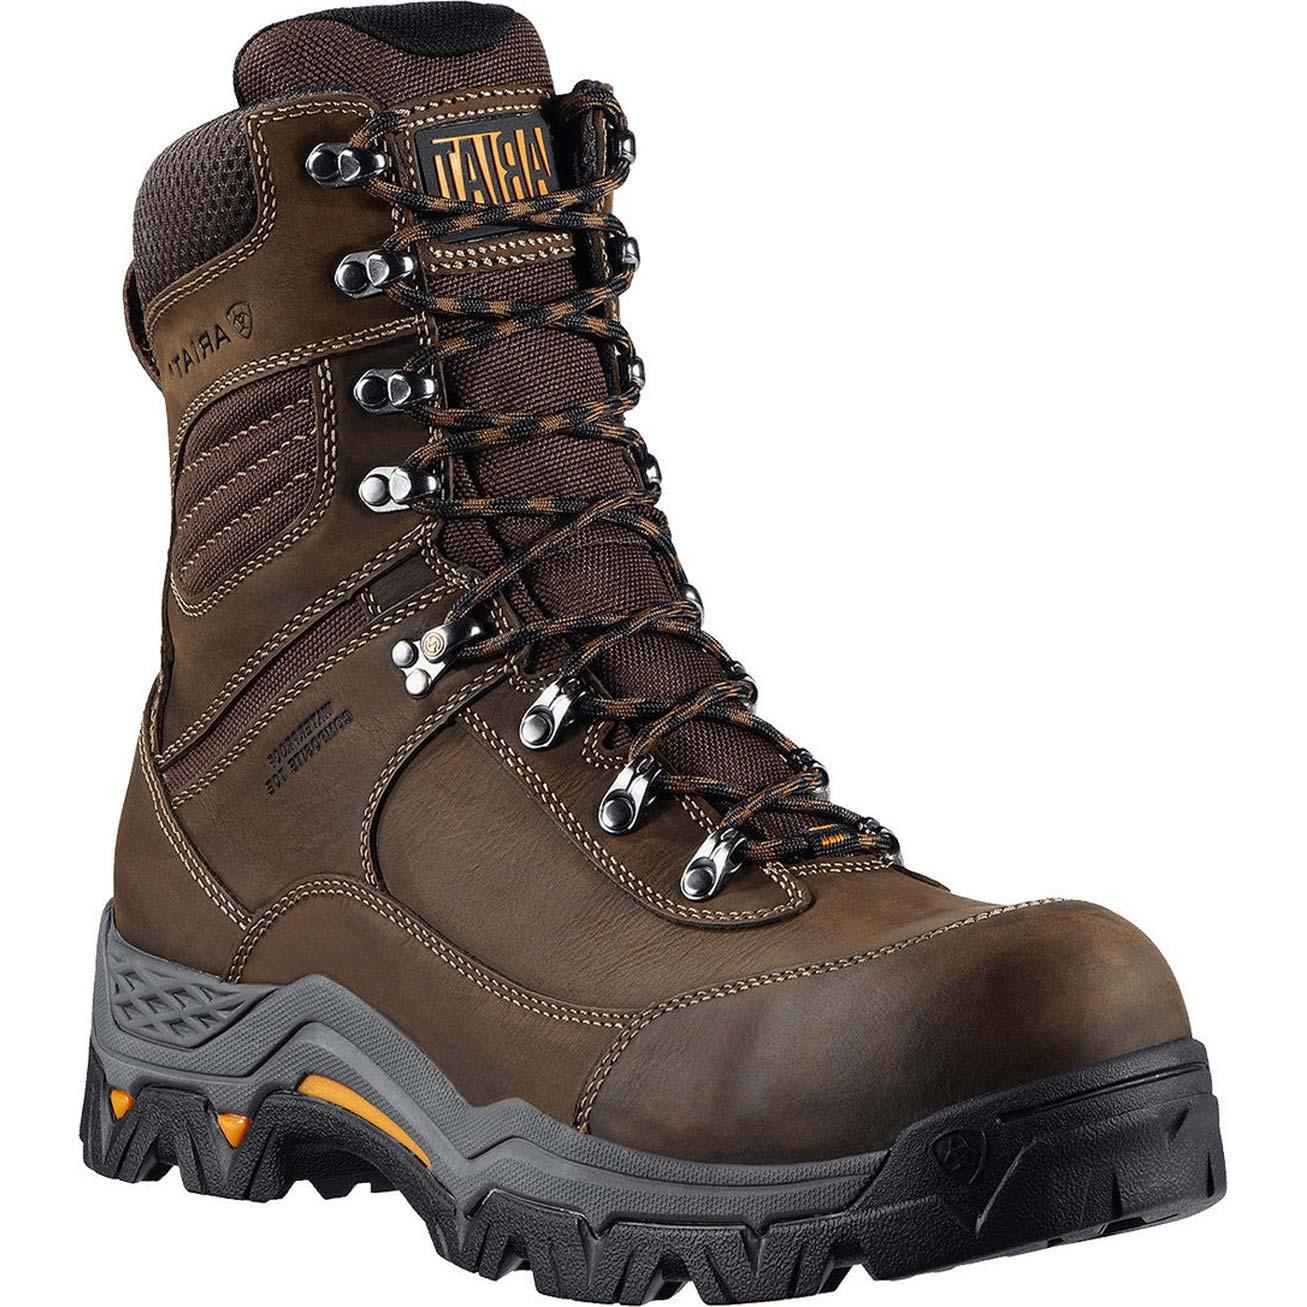 e9d11f28014 Ariat WorkHog Trek Composite Toe Waterproof Work Boot